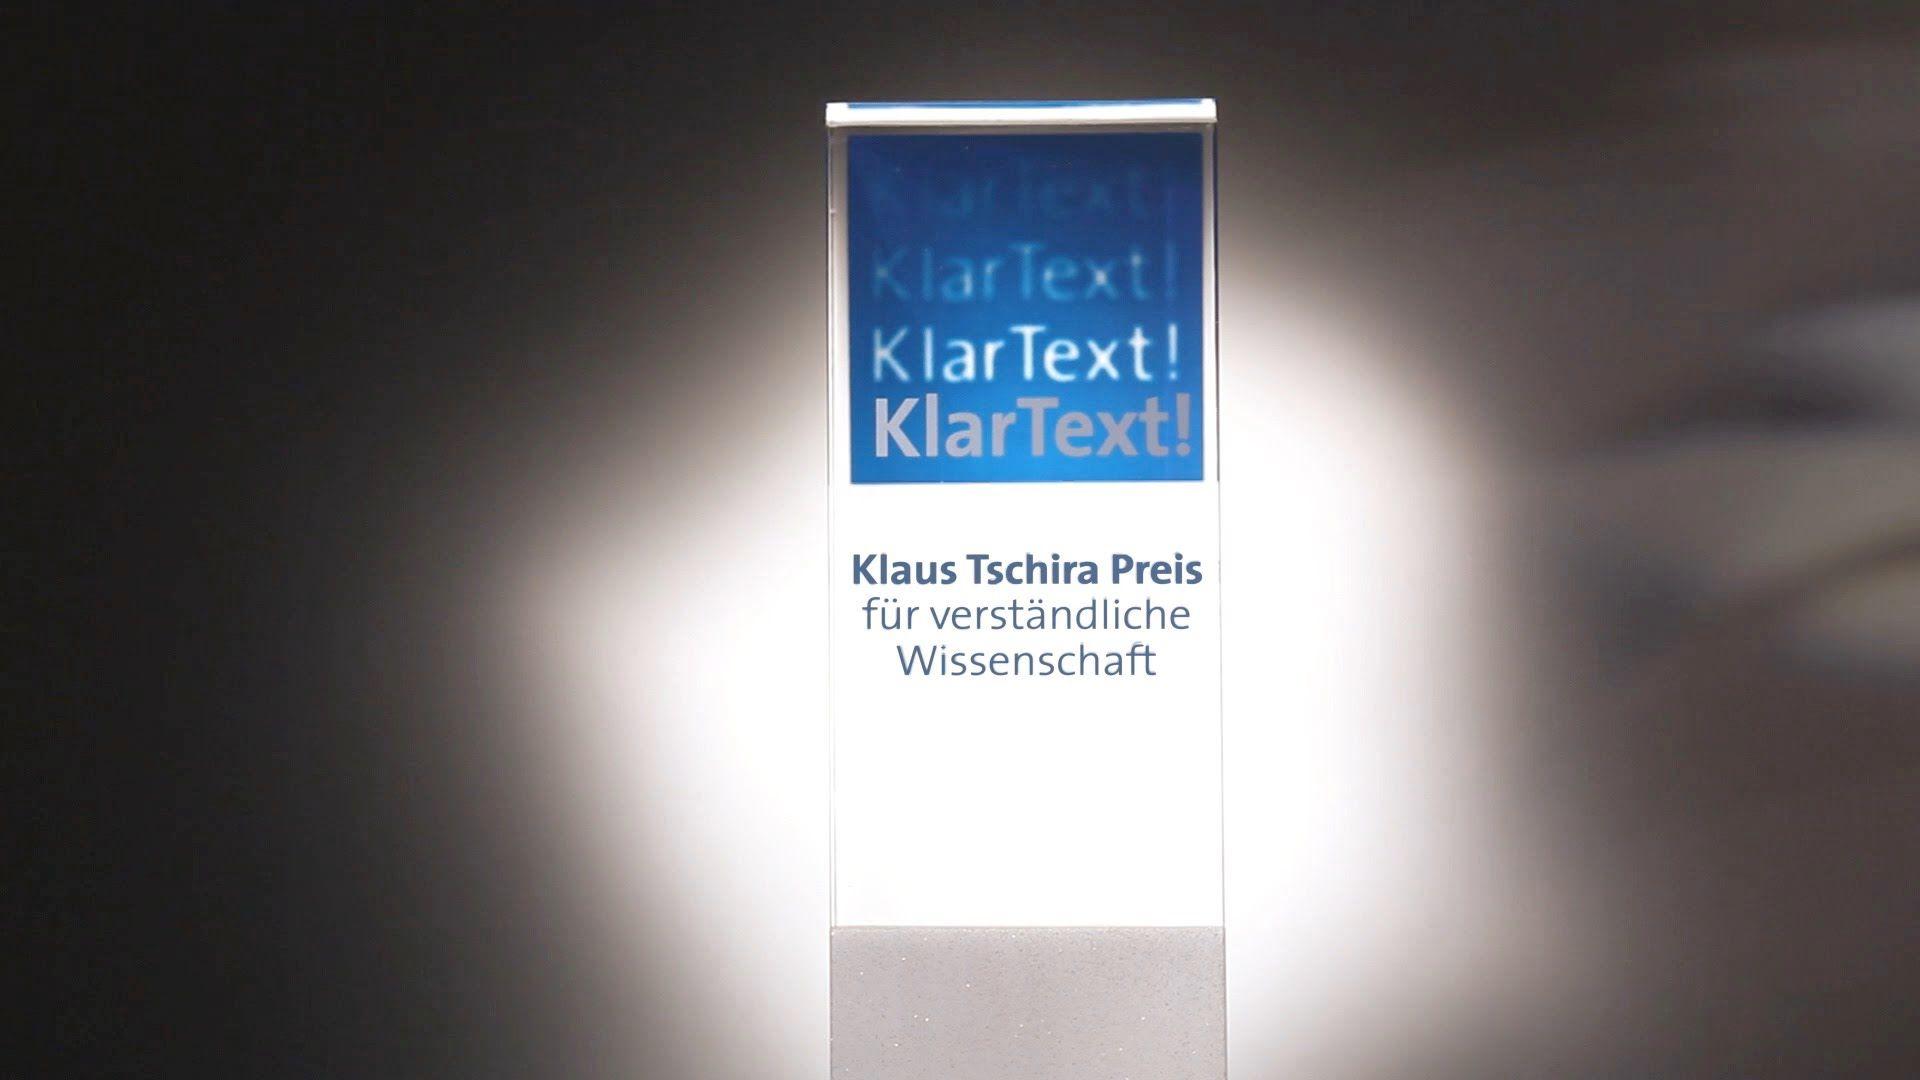 Klaus Tschira Preis für verständliche Wissenschaft - KlarText!